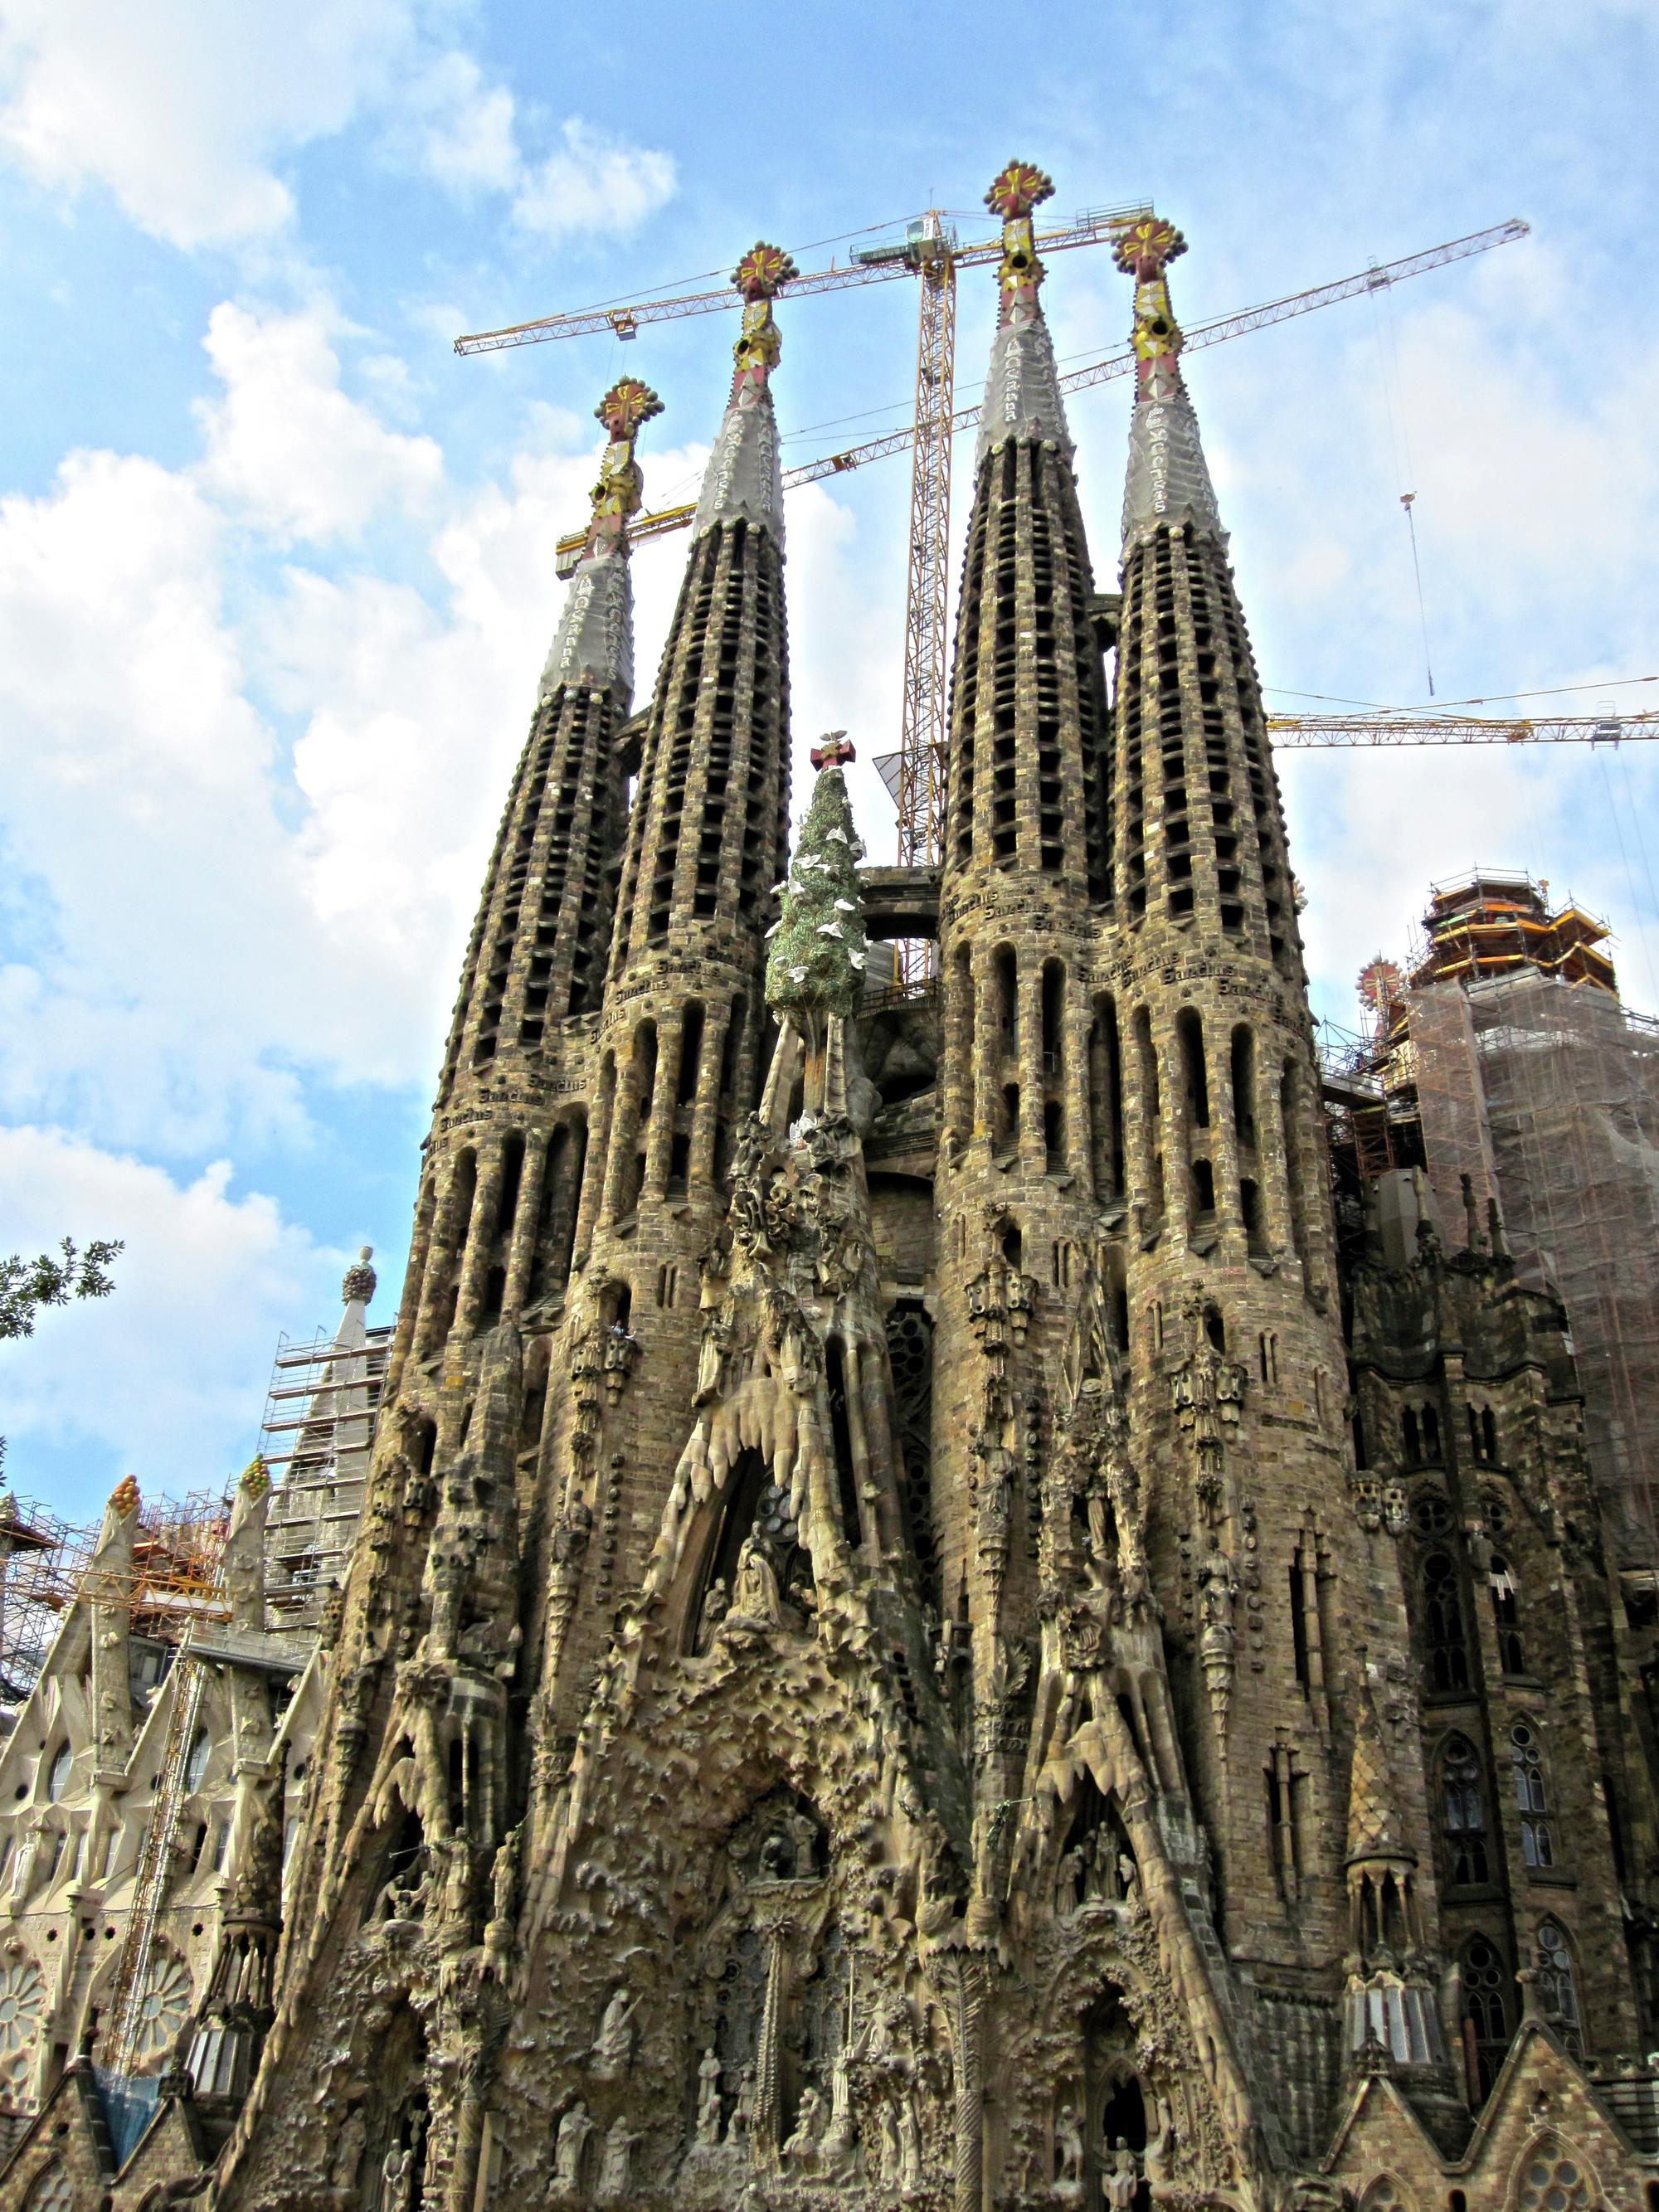 La sagrada familia ser la iglesia m s alta de europa en for De la sagrada familia